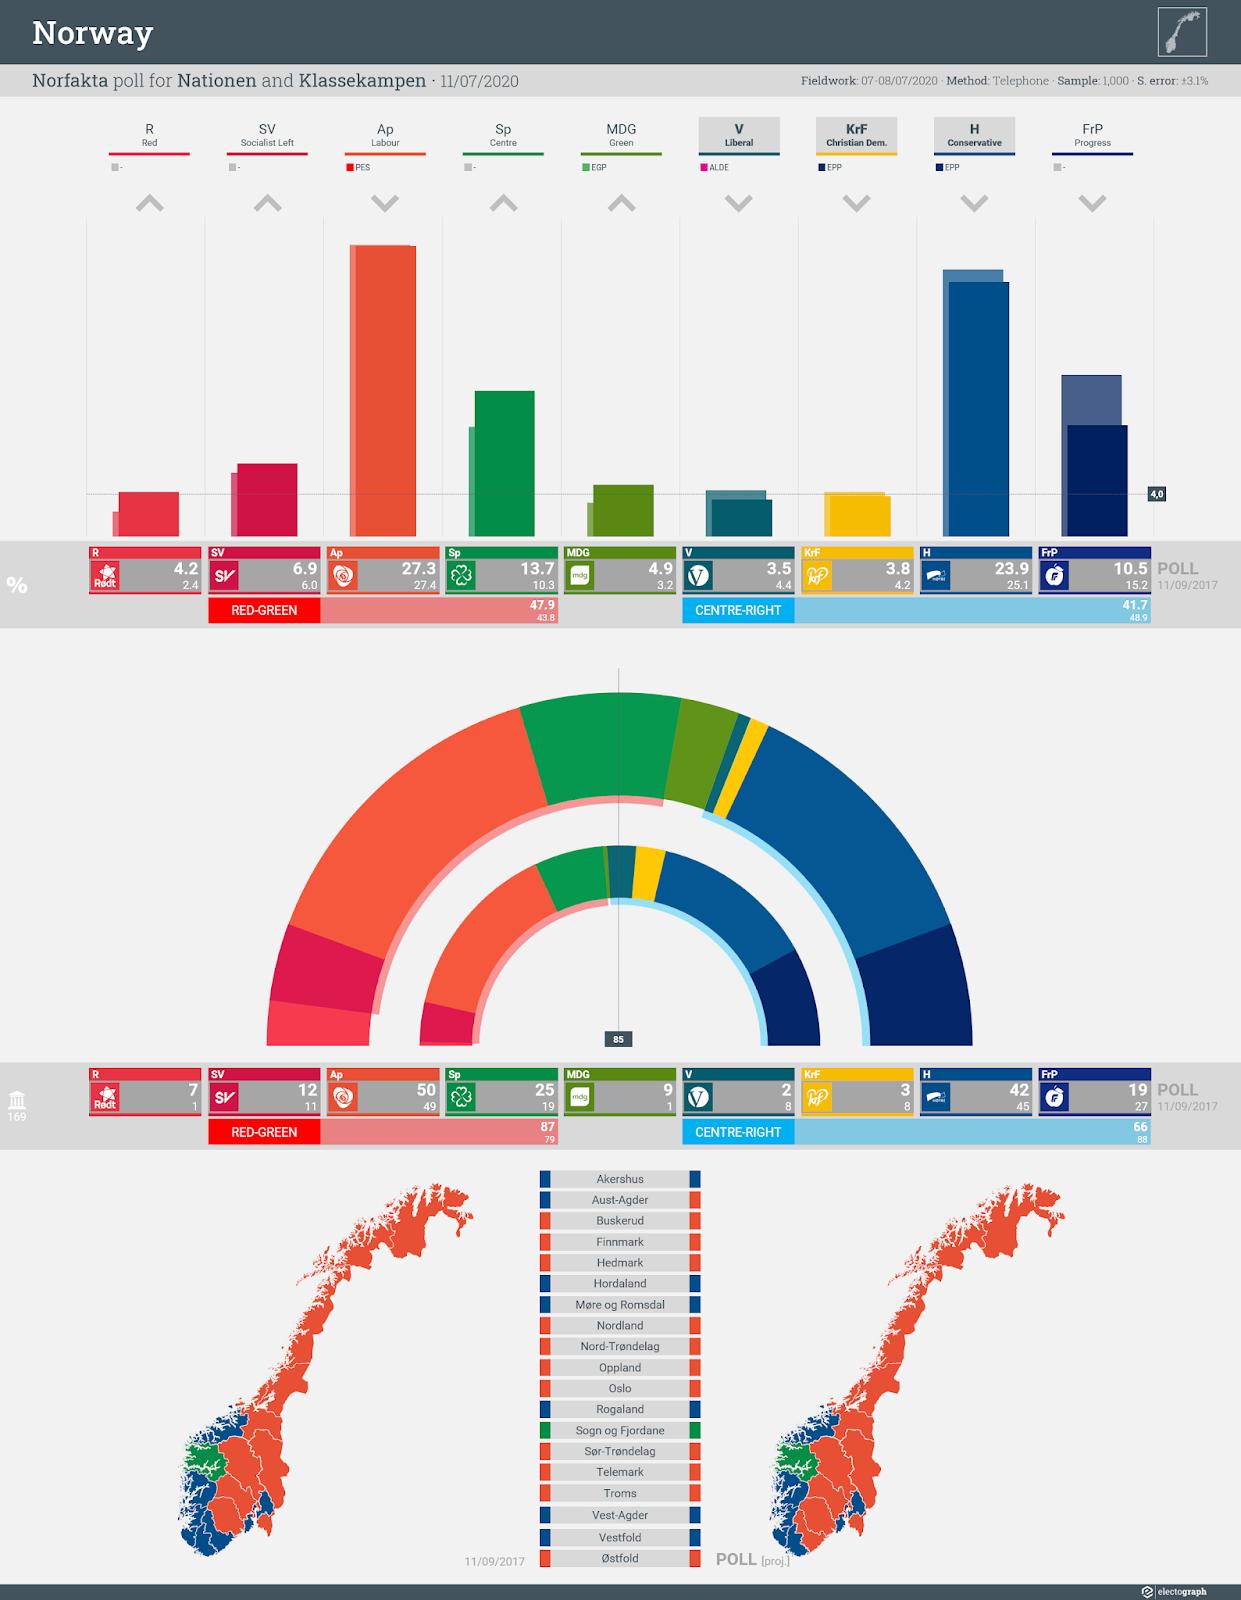 NORWAY: Norfakta poll chart for Nationen and Klassekampen, 11 July 2020